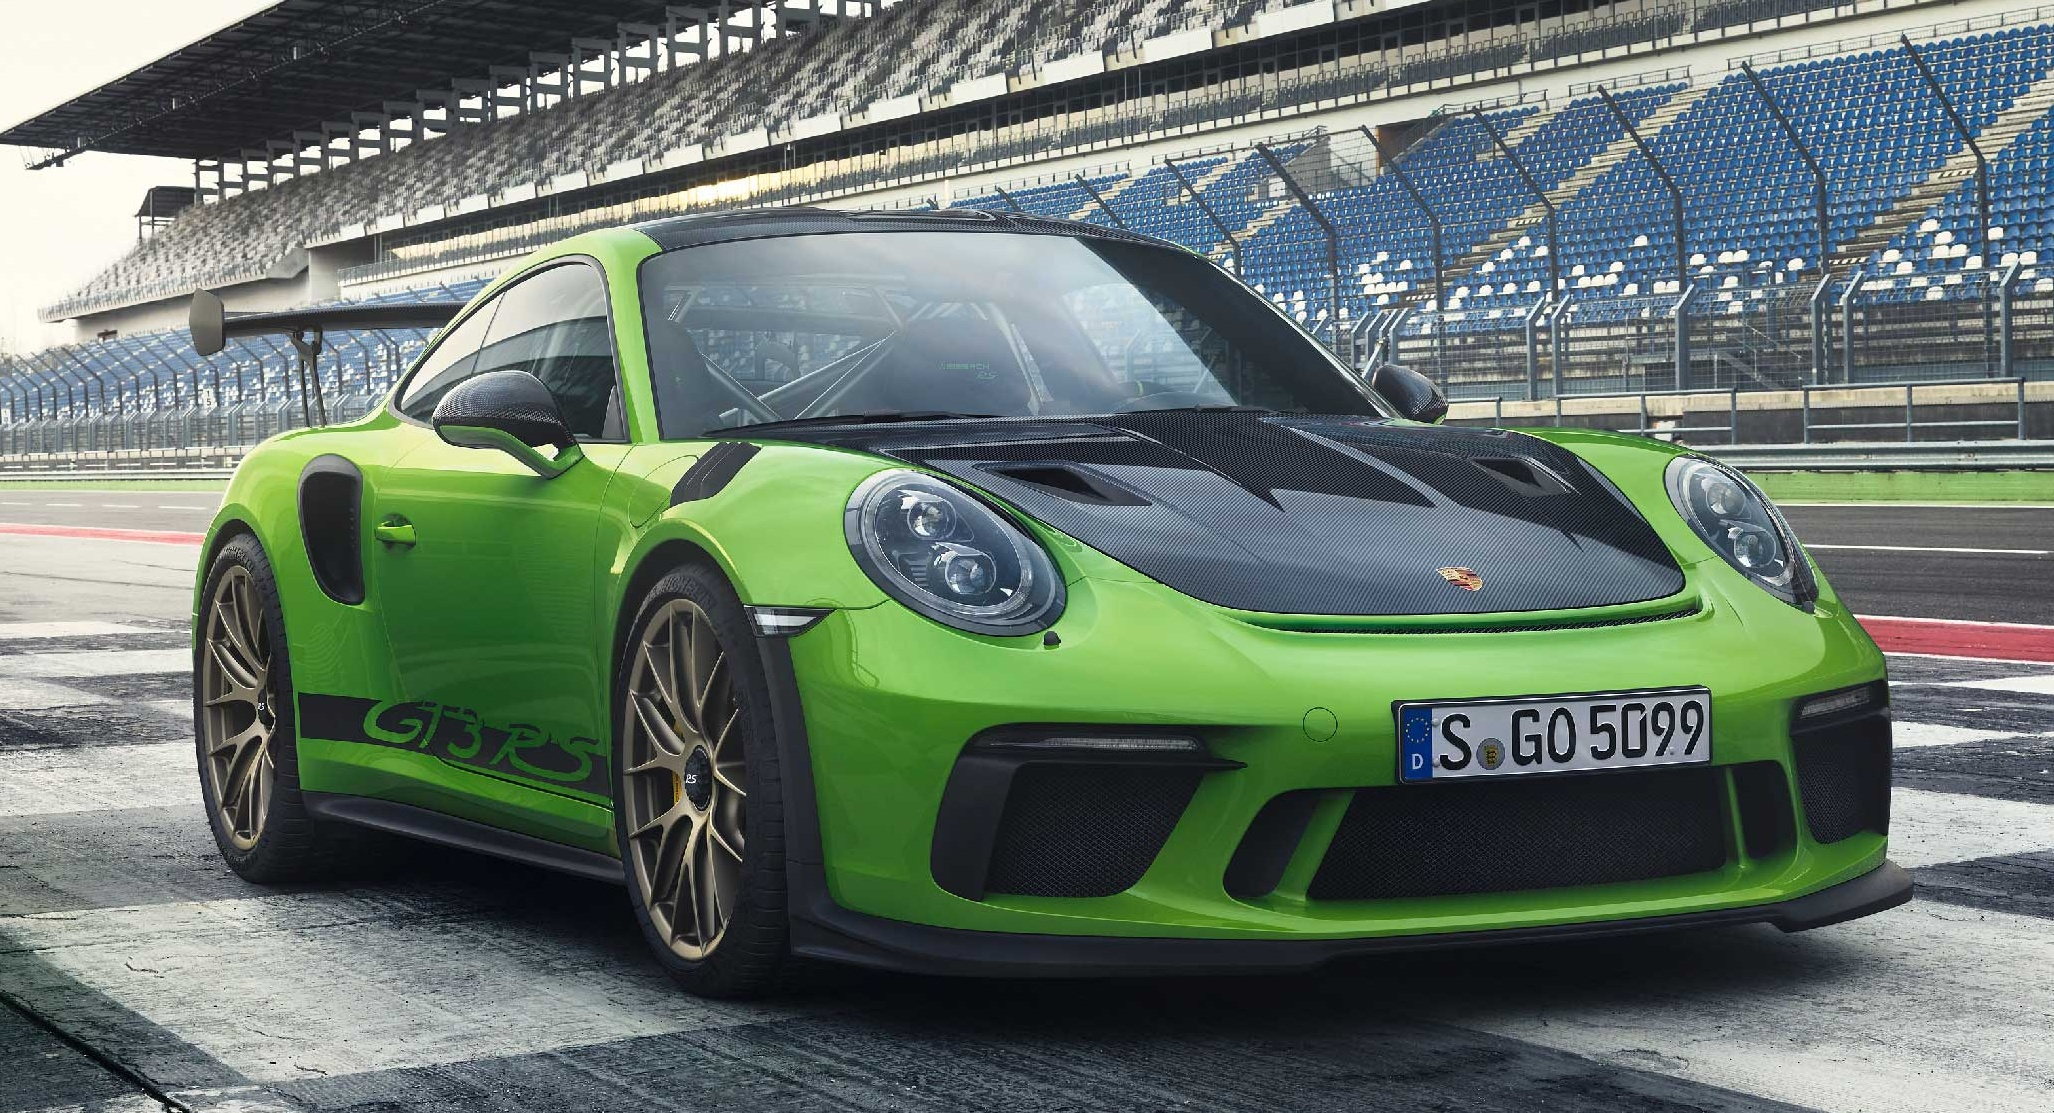 2018 porsche 911 gt3 rs road legal racer reloaded. Black Bedroom Furniture Sets. Home Design Ideas